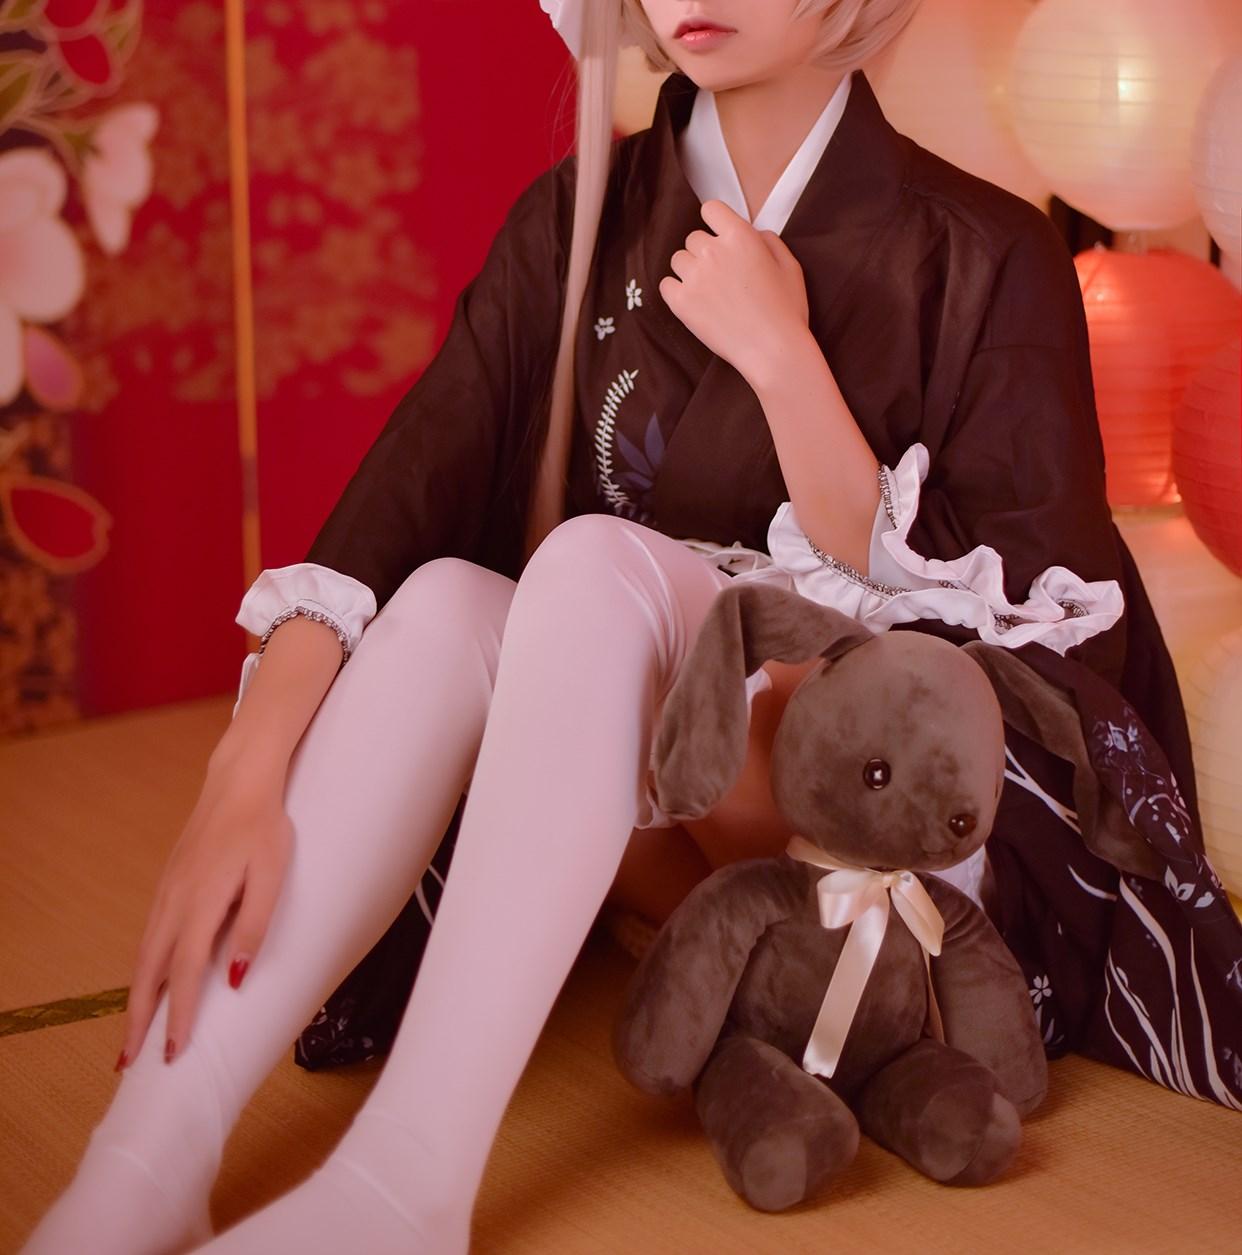 【兔玩映画】和服穹妹 兔玩映画 第28张